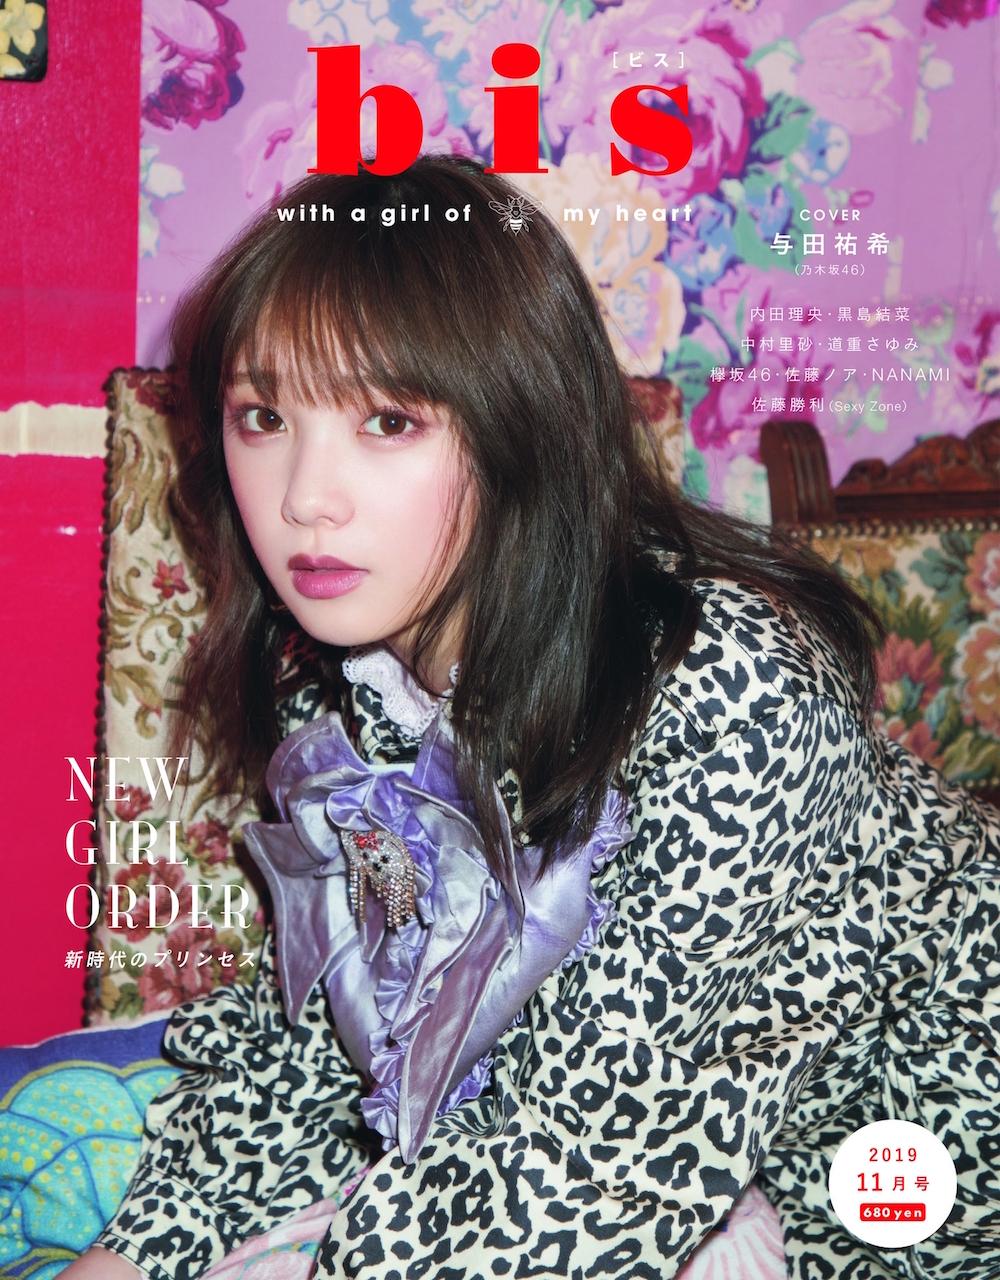 与田祐希(乃木坂46) 『bis』表紙 COVER